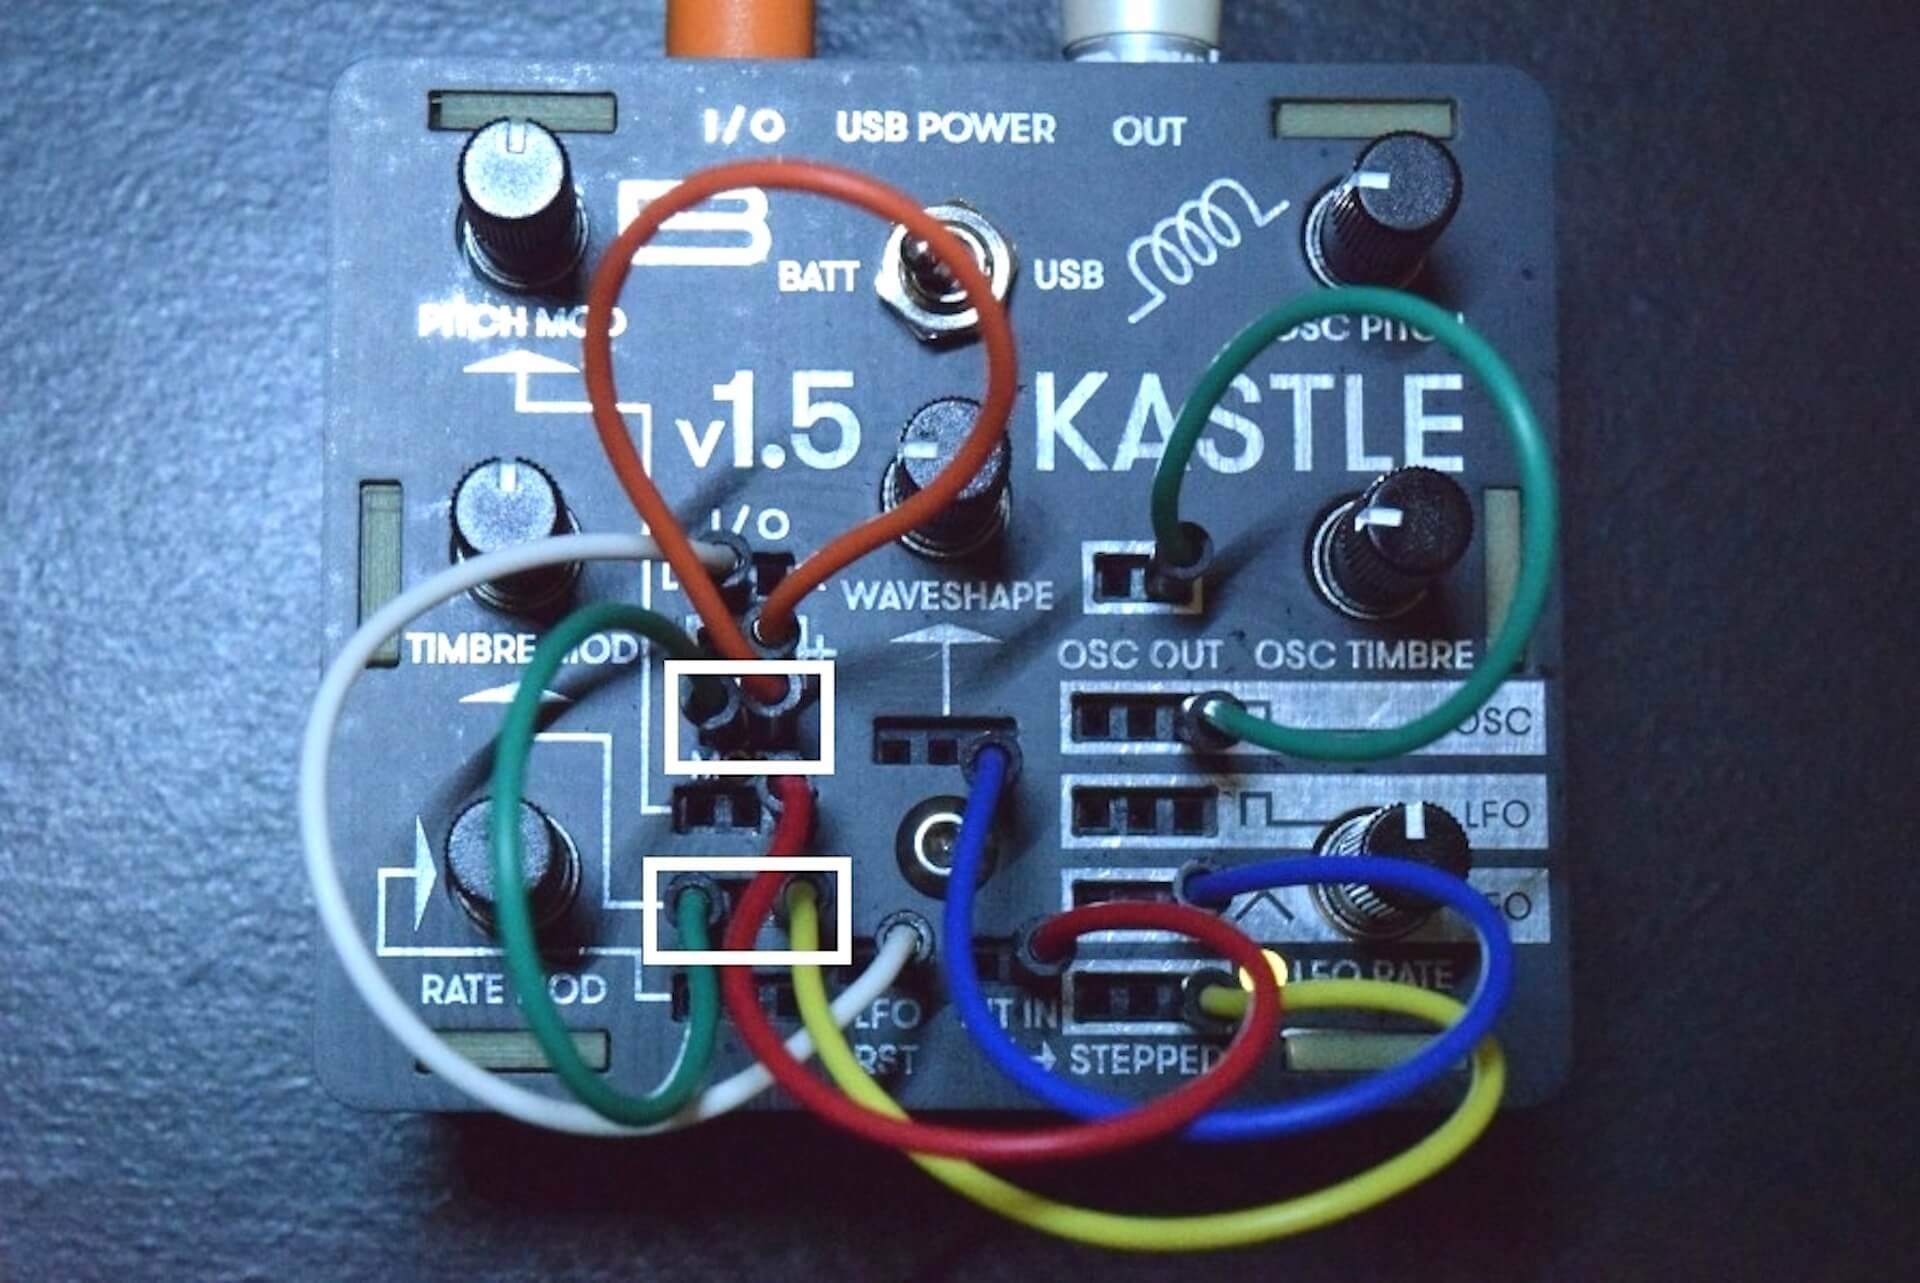 超小型モジュラー・シンセサイザー「KASTLE V1.5」のサウンドと魅力 f35ab3dd05d0f2965e4da55a877088f7